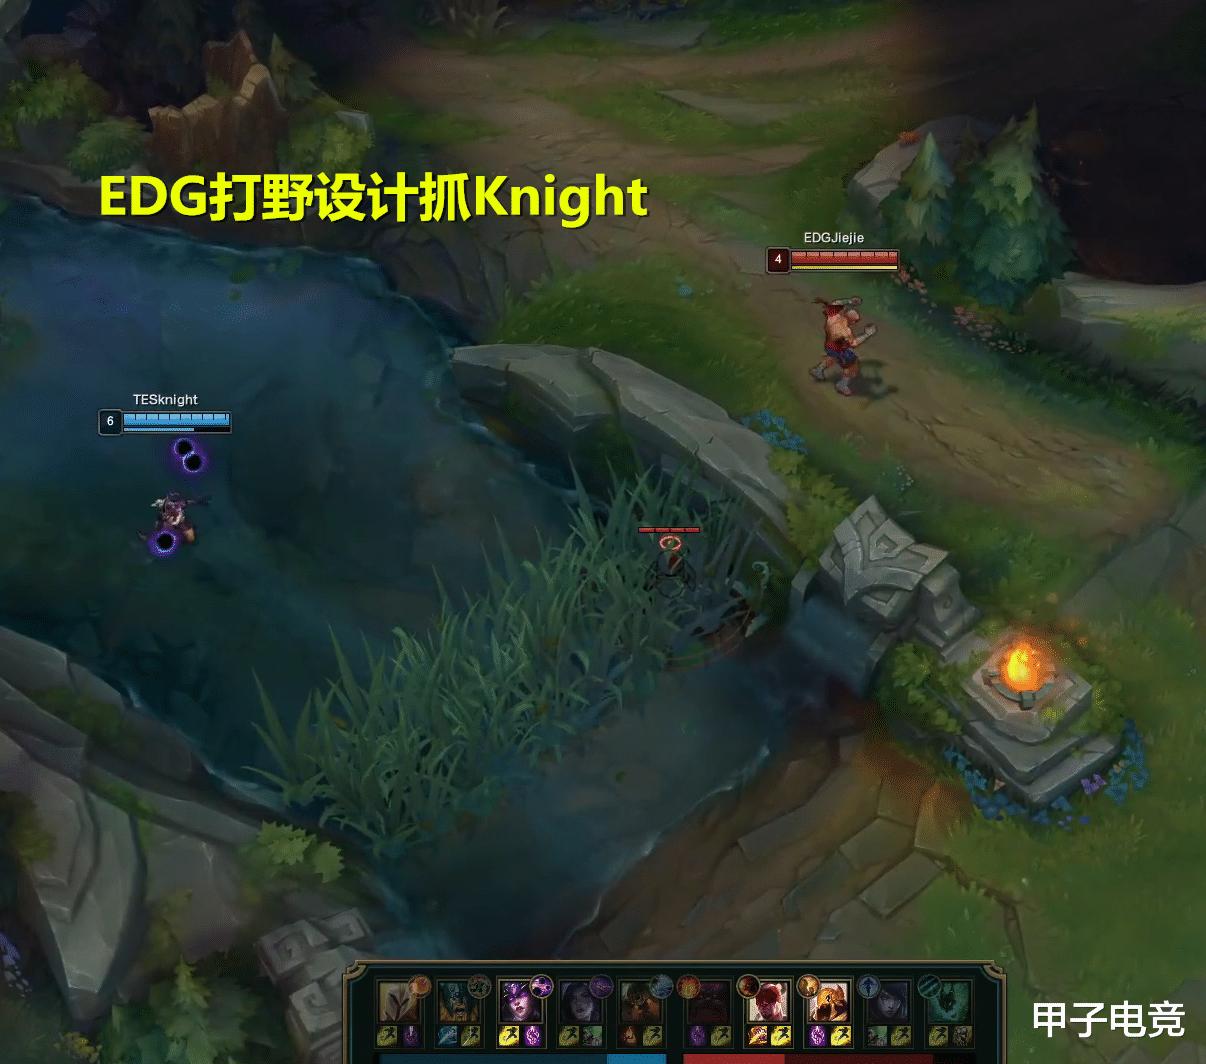 """《【煜星娱乐平台首页】EDG打野""""诡术妖僧""""玩法火了,心理战戏耍Knight,这操作我服气》"""